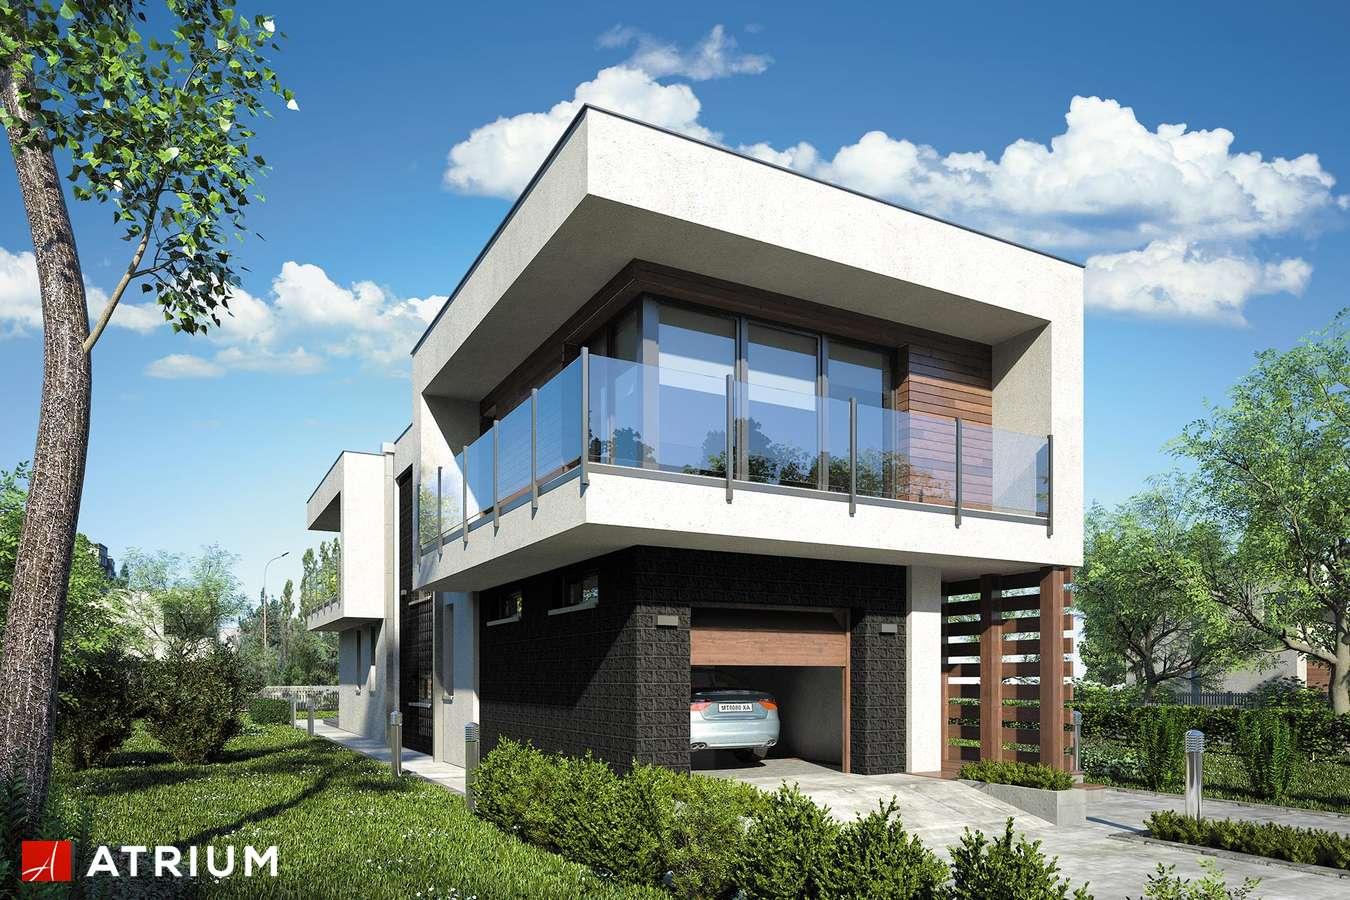 Projekty domów - Projekt domu piętrowego MODERN HOUSE - wizualizacja 1 - wersja lustrzana